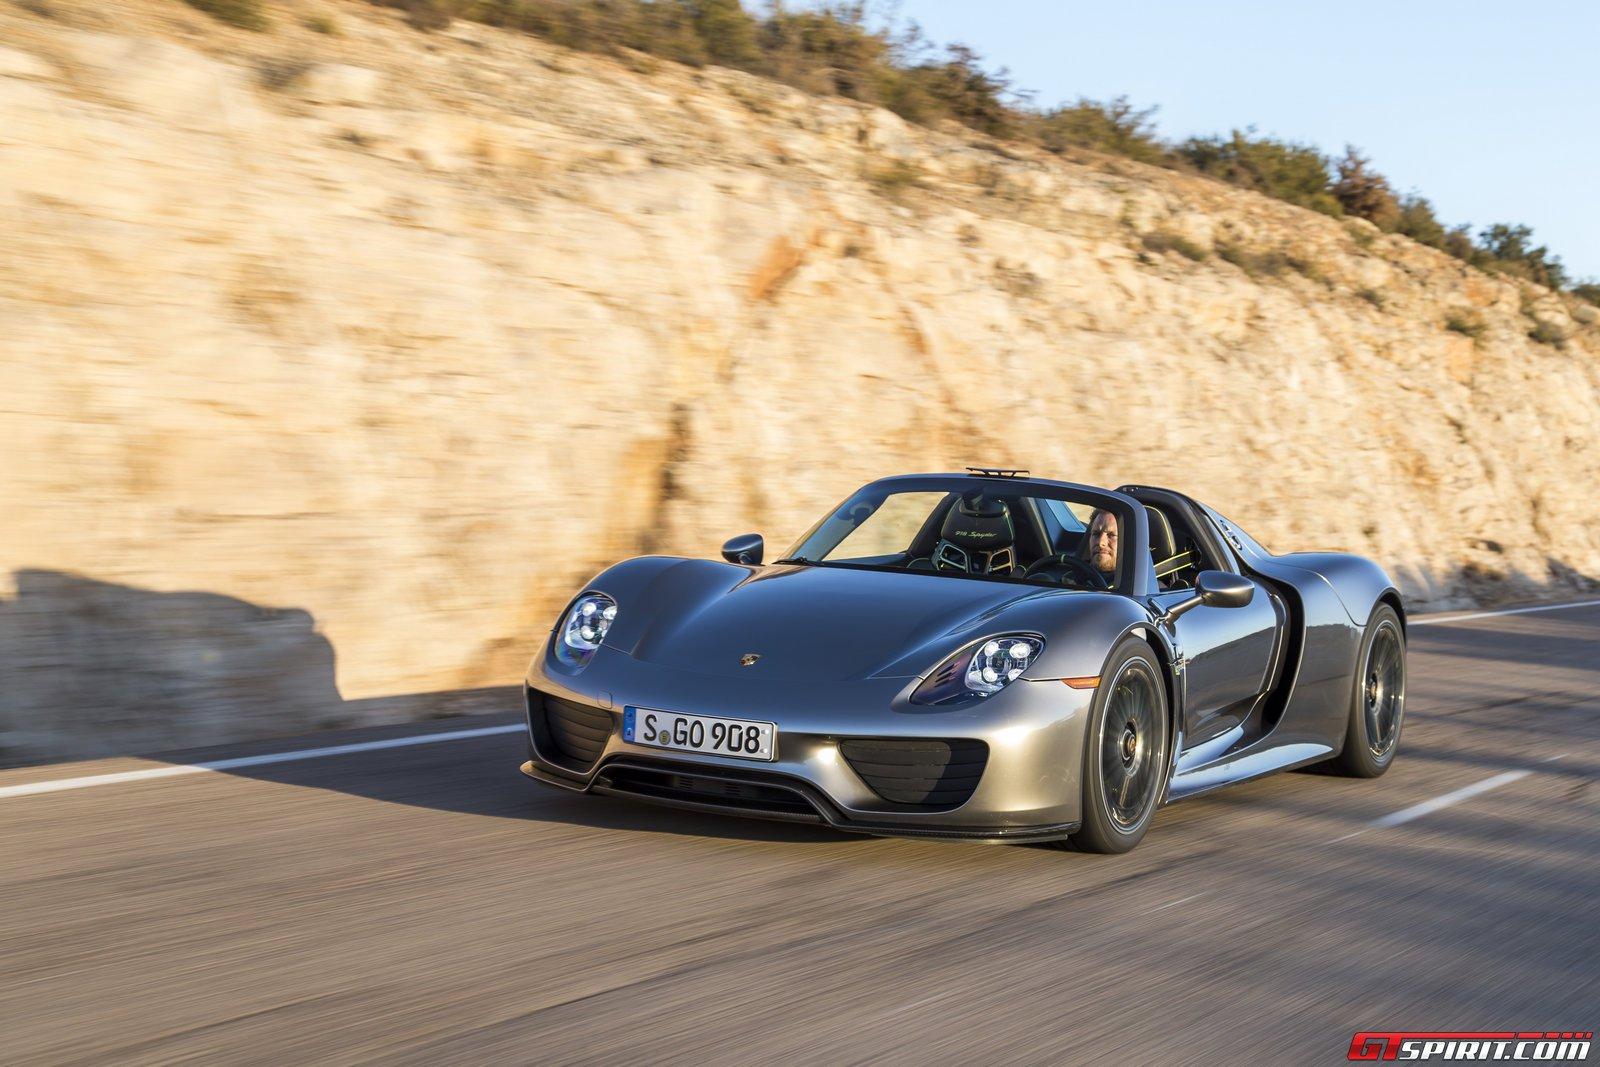 Porsche 918 Spyder Recalled Due To Wiring Issue